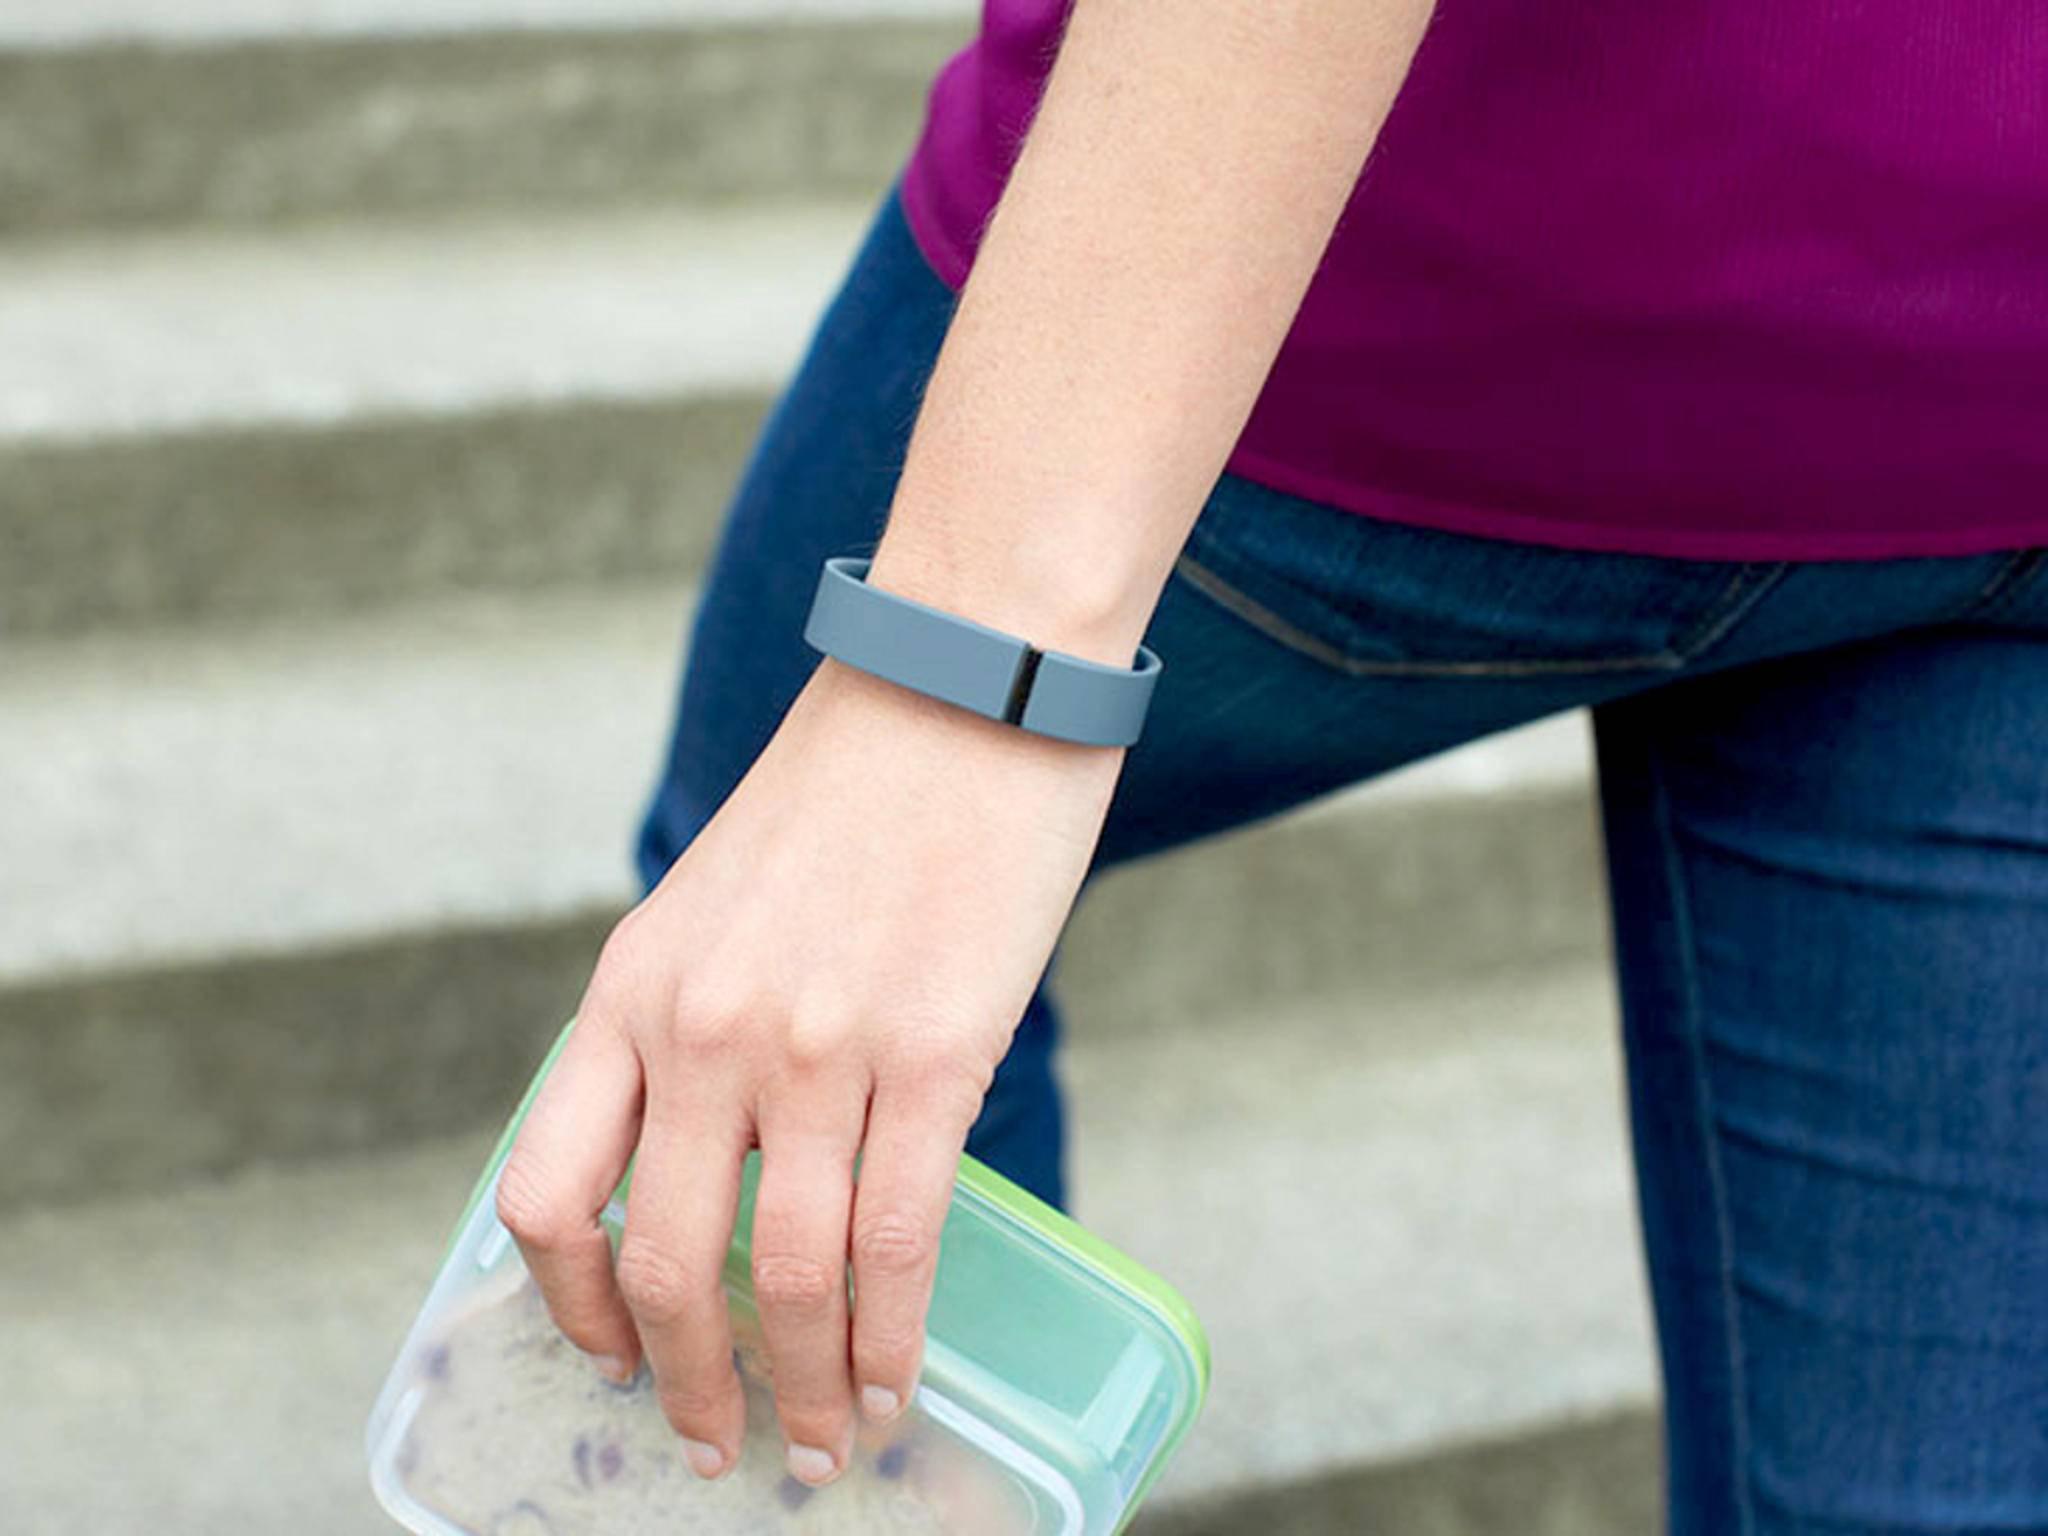 Sind Fitness-Tracker von Fitbit ein Risiko für Gesundheit und Datensicherheit?